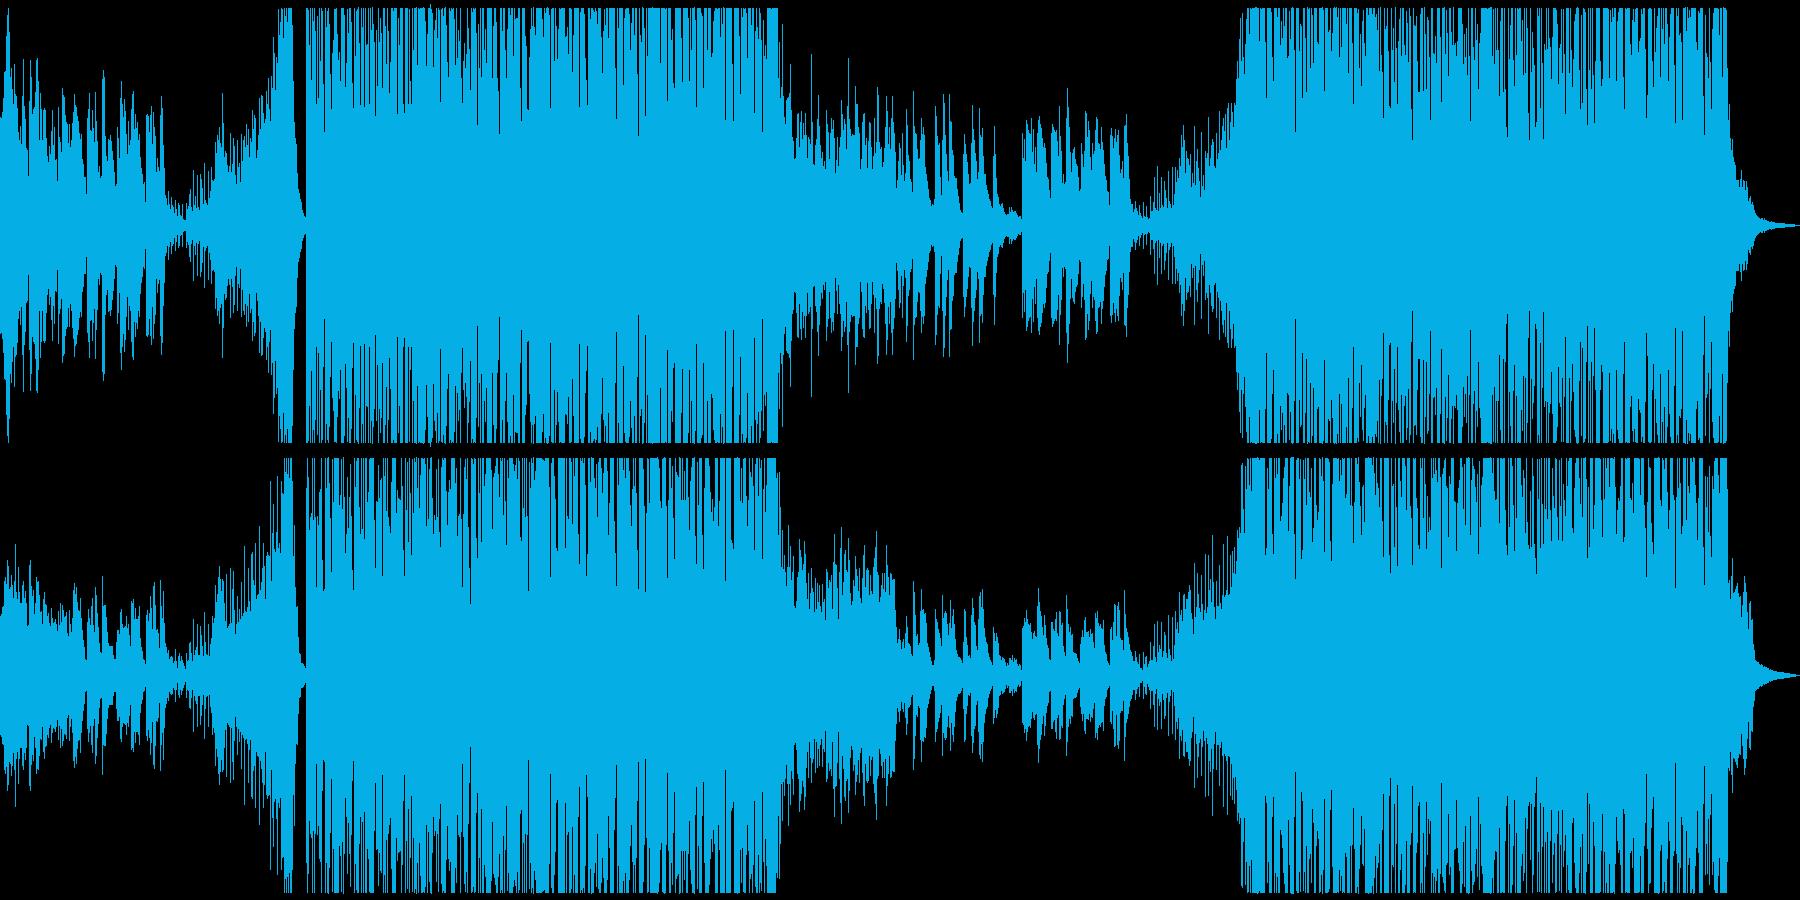 幻想的で力強い曲 電脳/森/ファンタジーの再生済みの波形